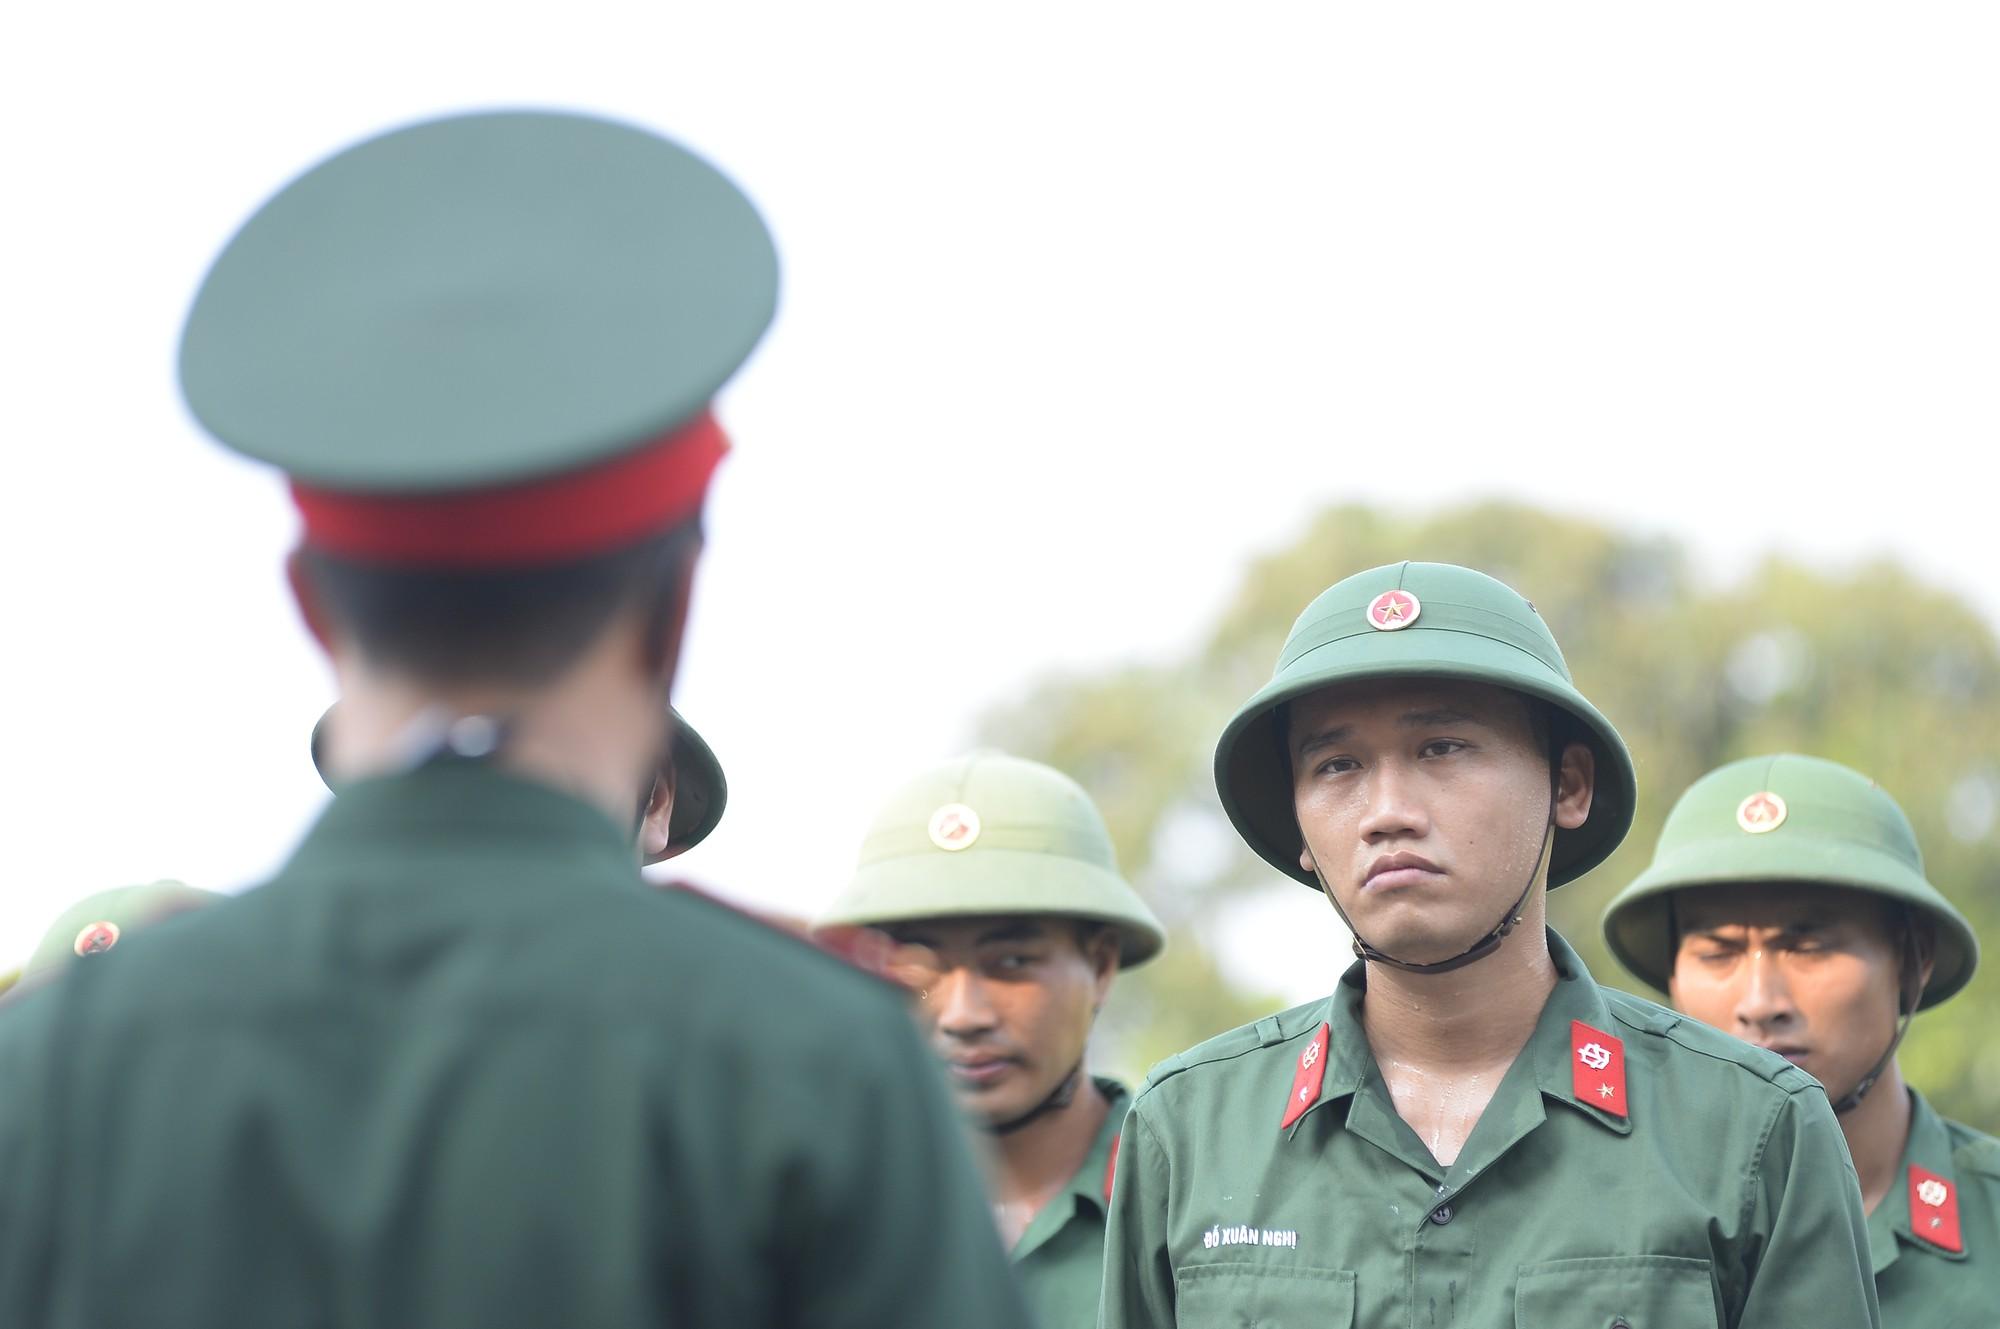 Mr. Cần Trô Xuân Nghị tham gia Sao Nhập Ngũ cùng Đại Nhân, Đăng Dũng - Ảnh 3.